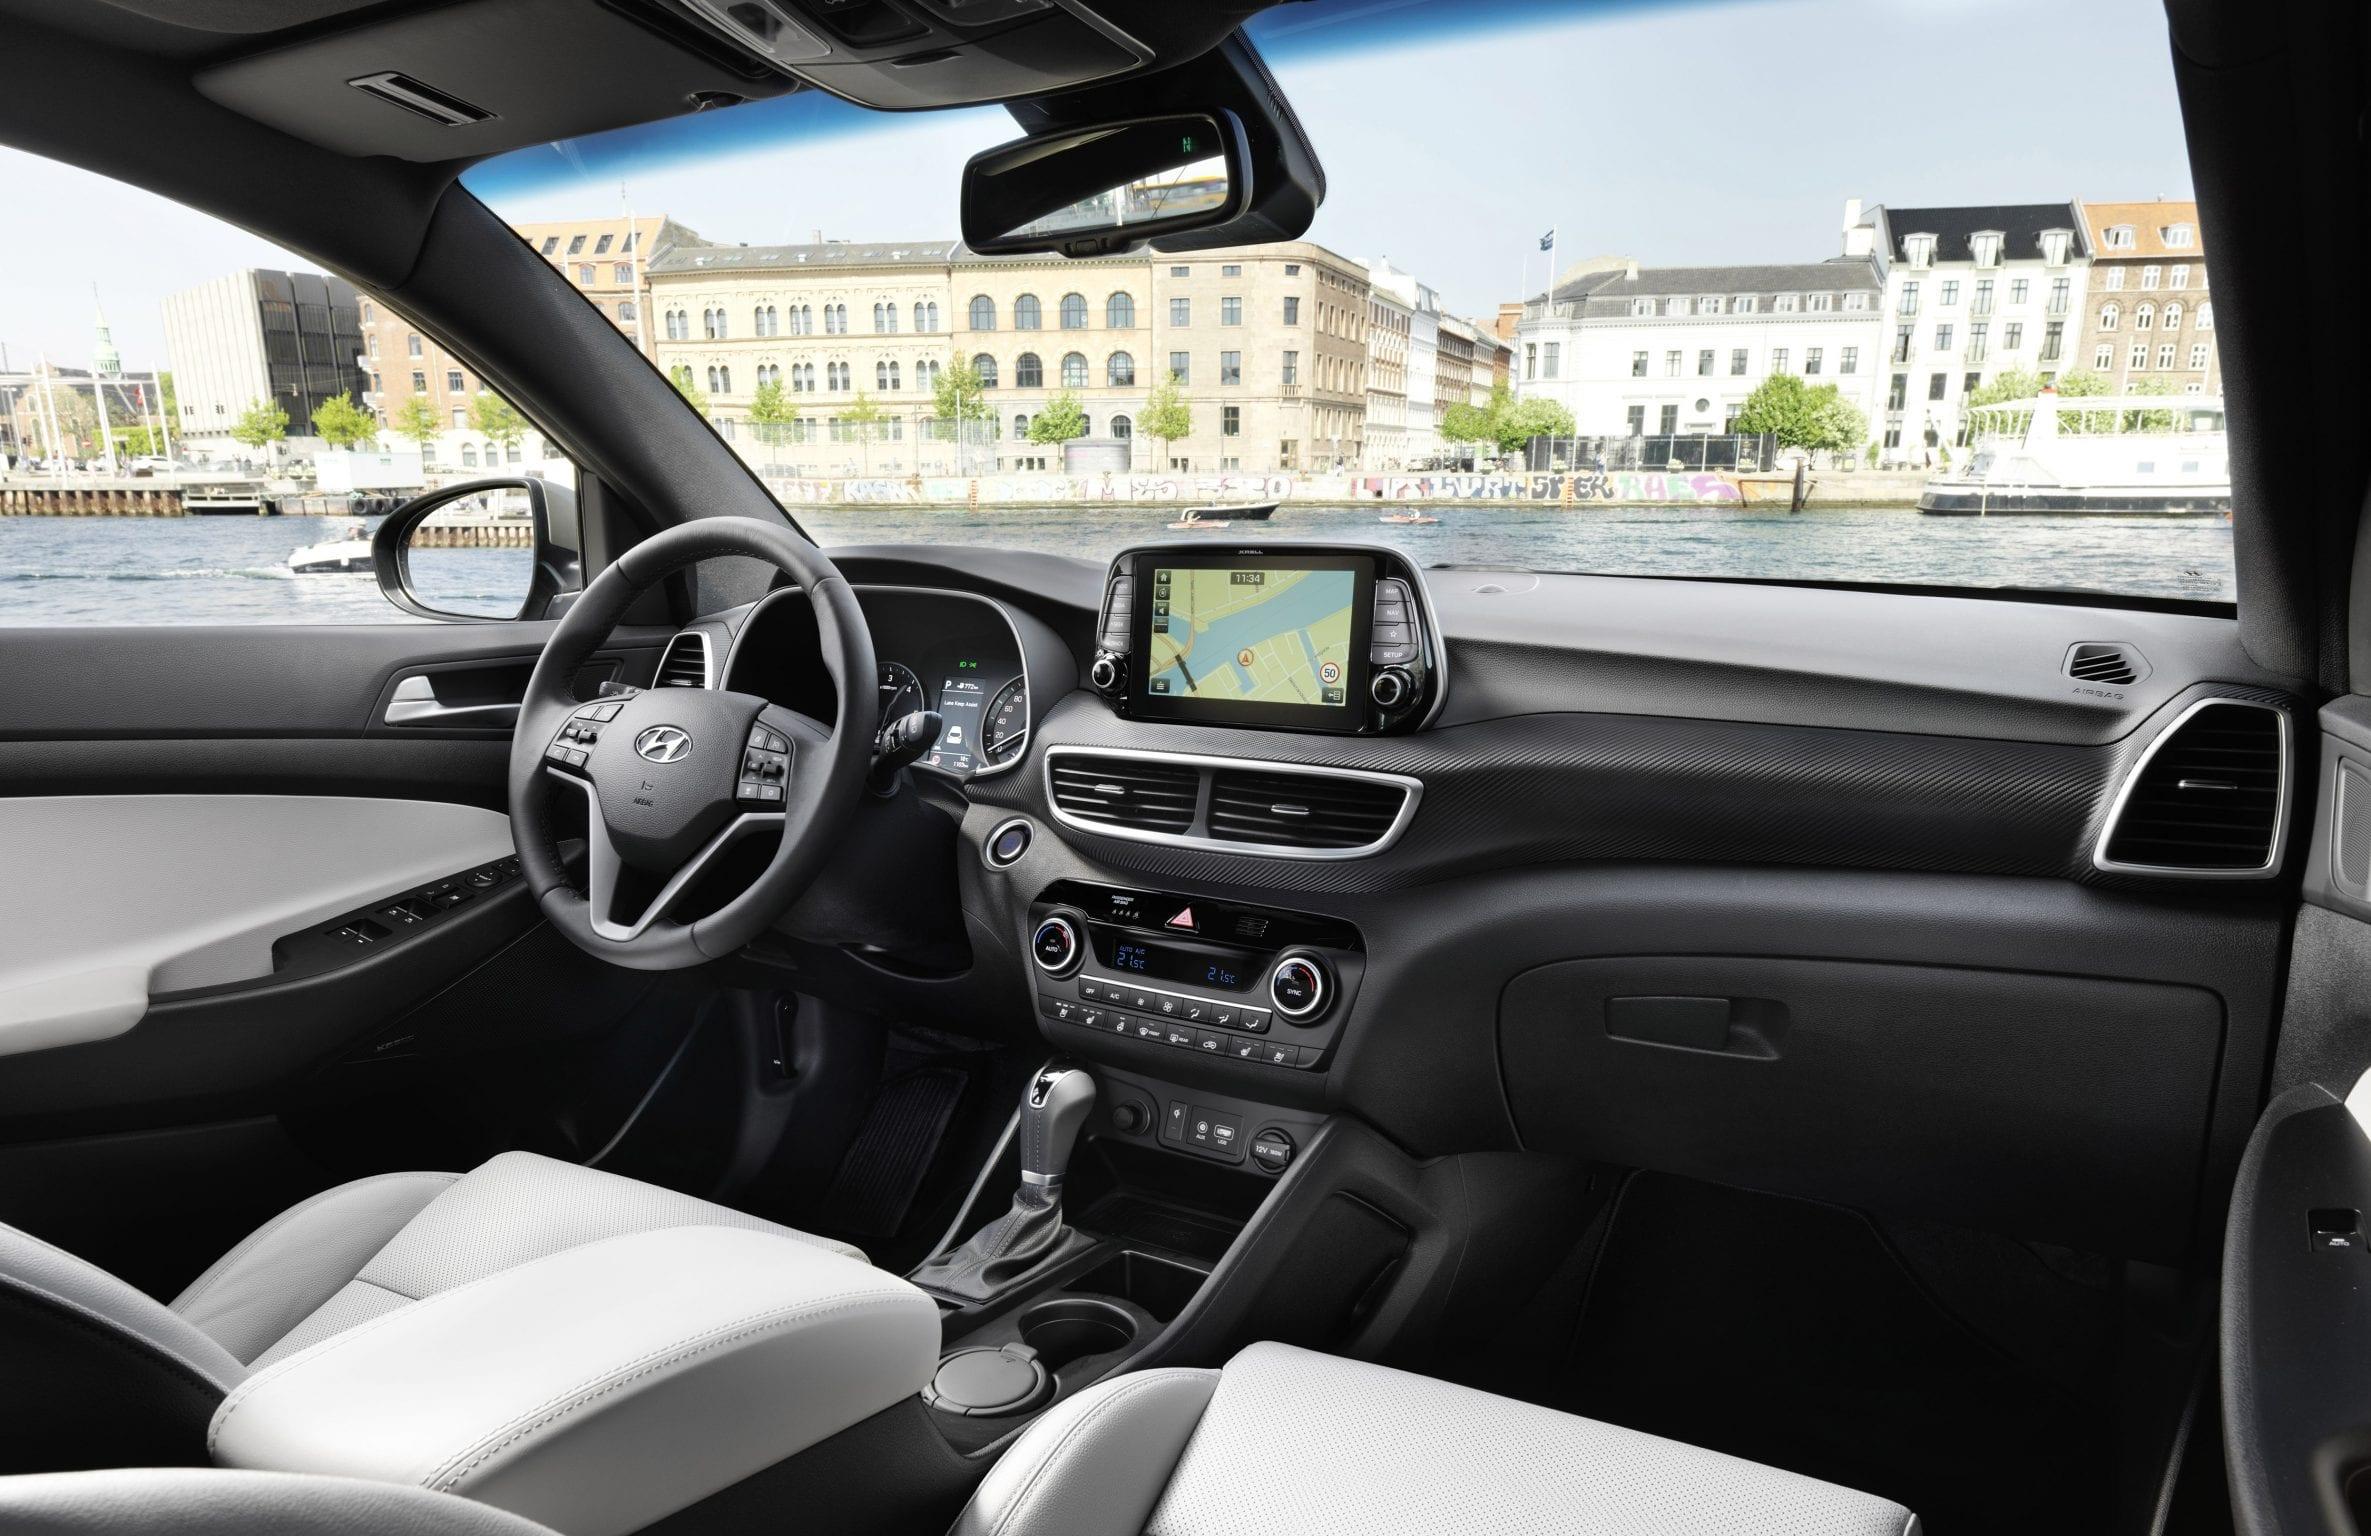 Hyundai Tucson Interieur Dashboard